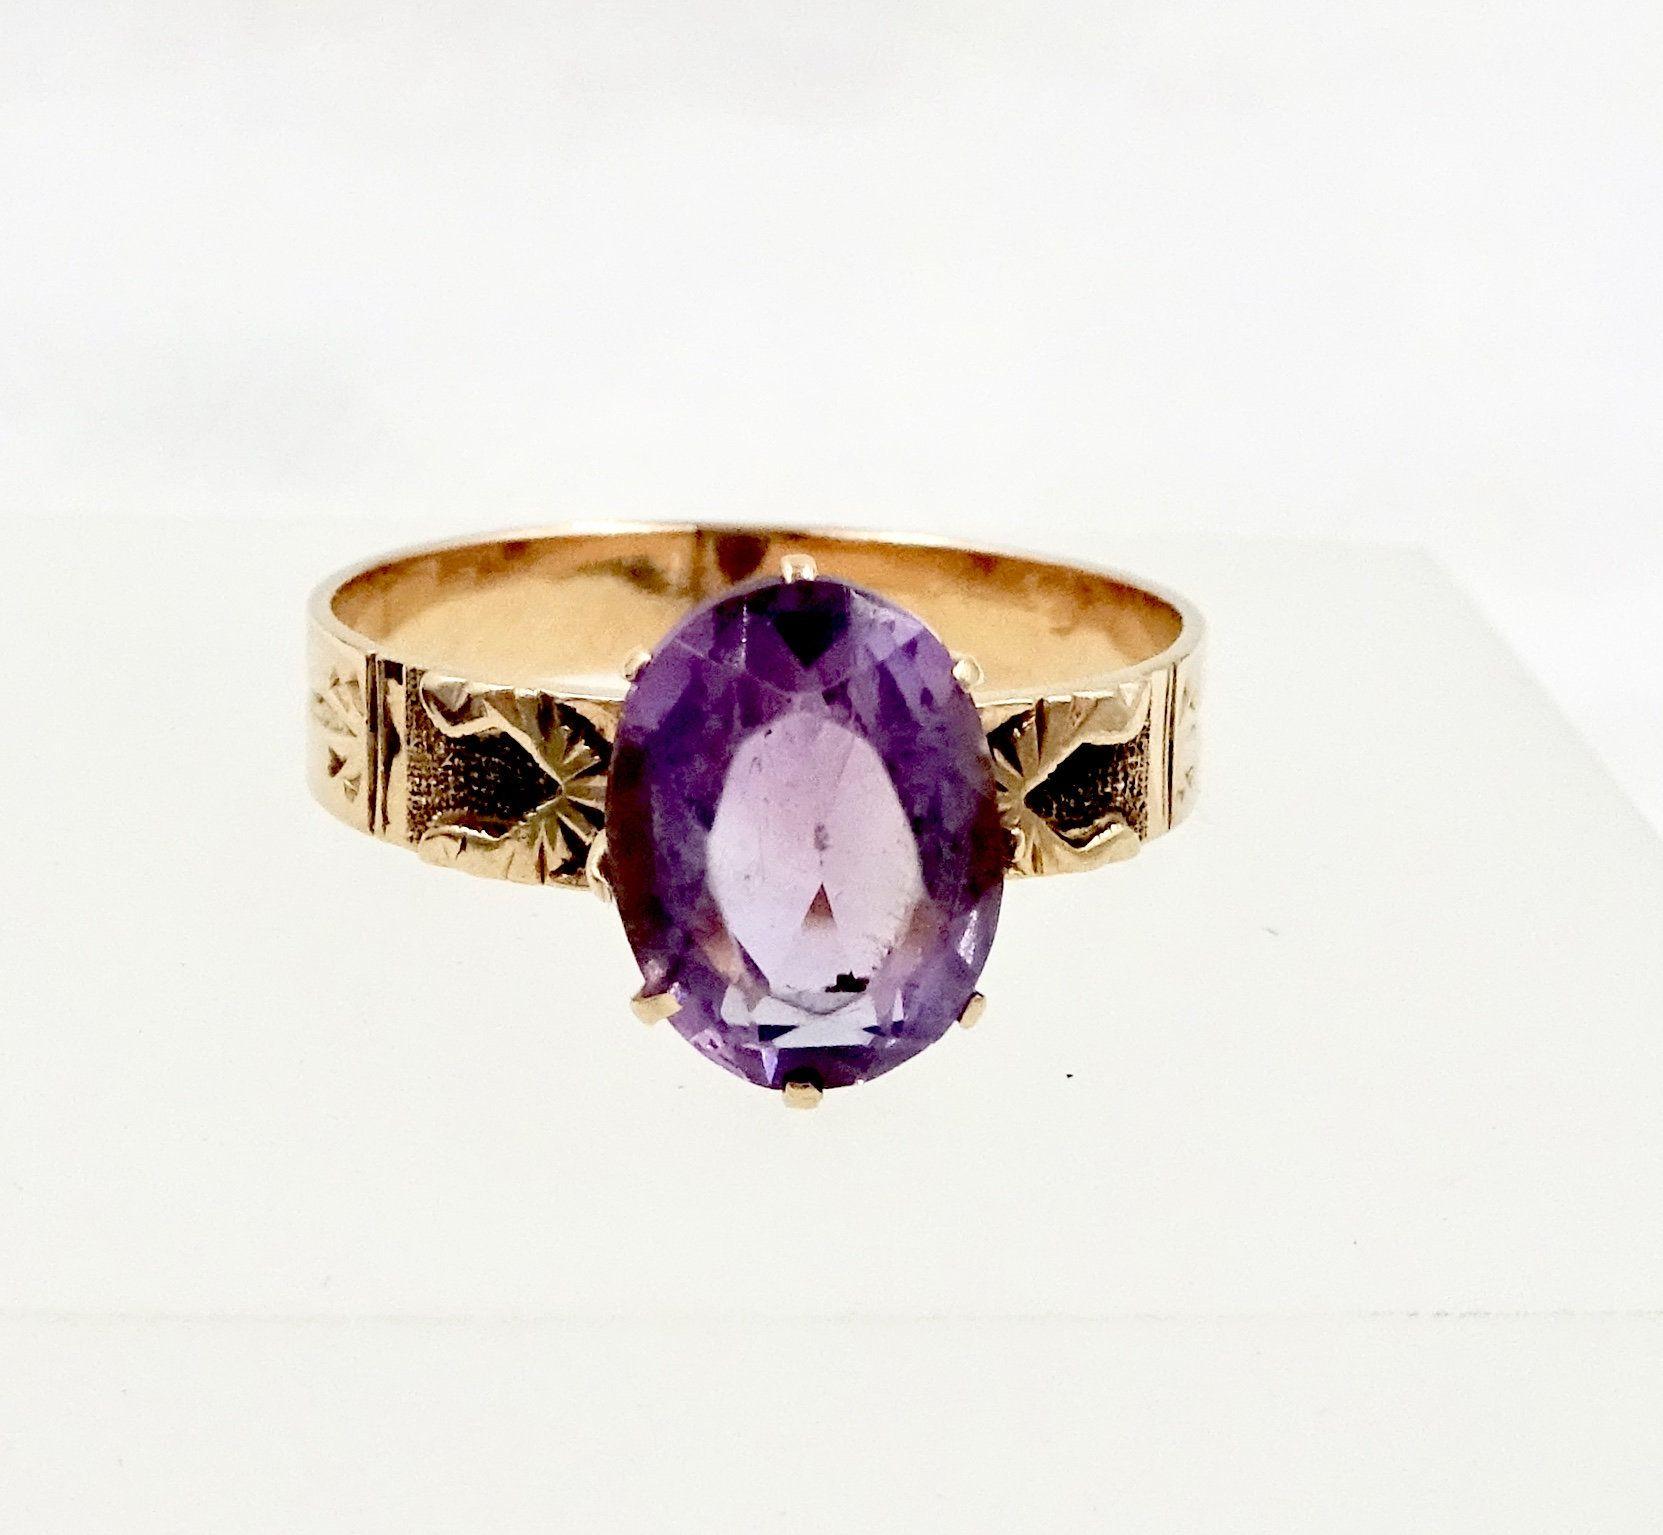 ROSE GOLD RING 1.75 Carat Amethyst 10k Rose Gold Ring Sz 6